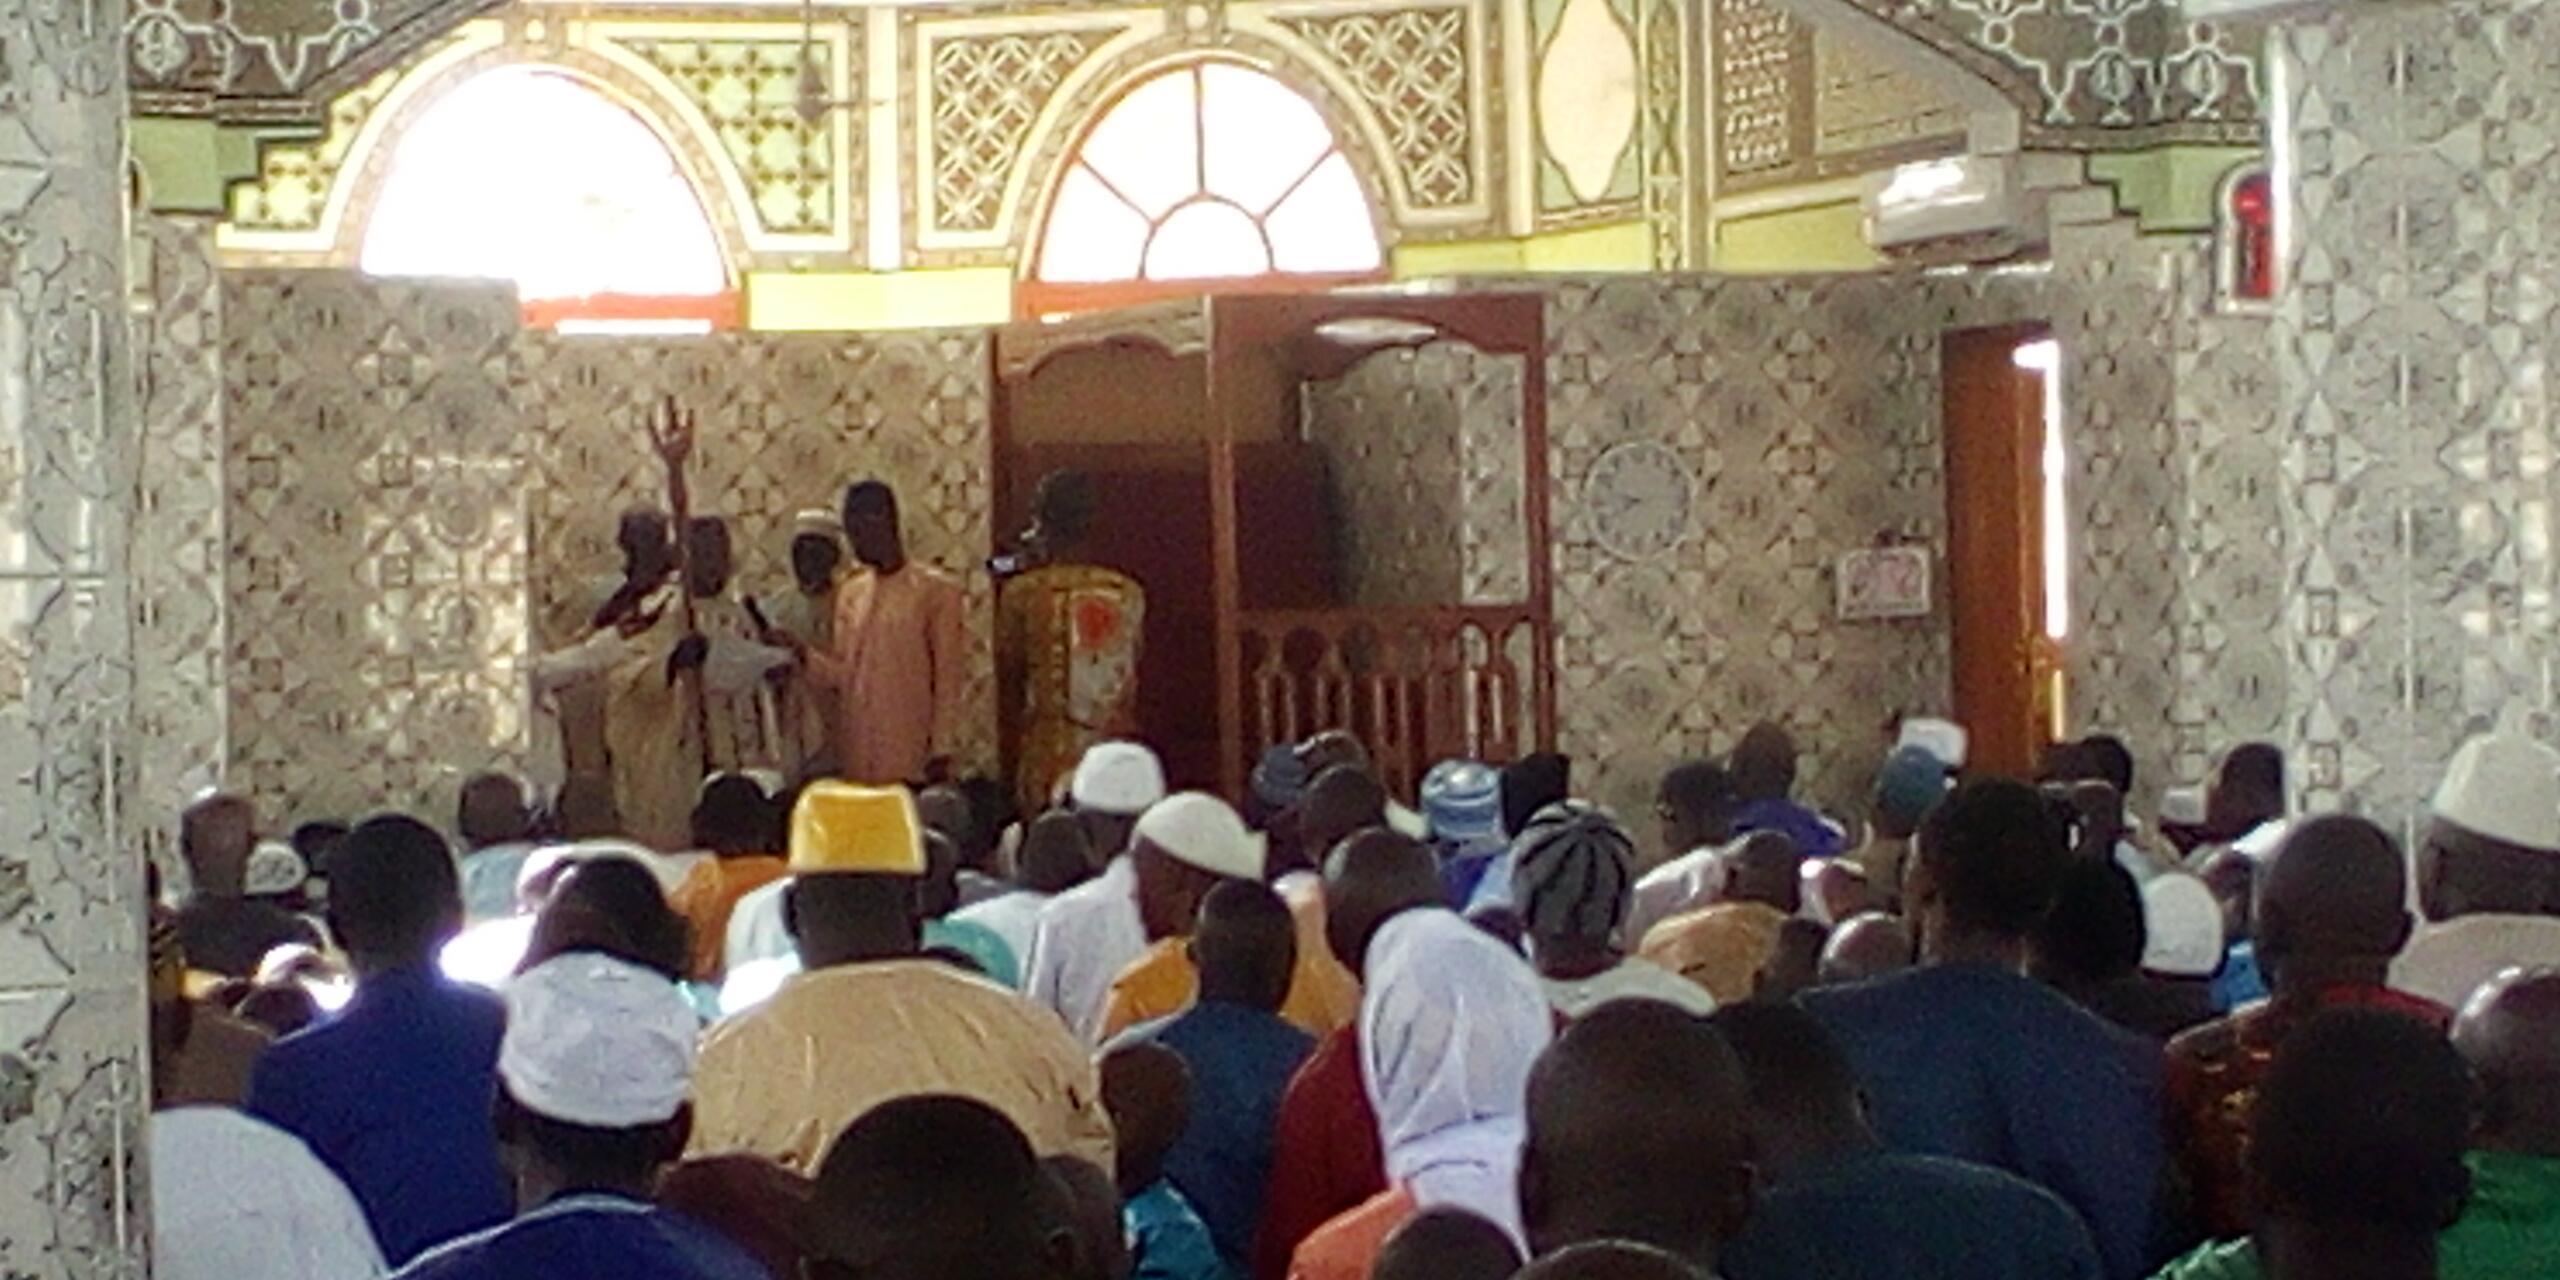 Célébration de la Korité à Kolda : Solidarité, tolérance, foi, repentir au menu du sermon de l'Imam ratib de la grande mosquée.